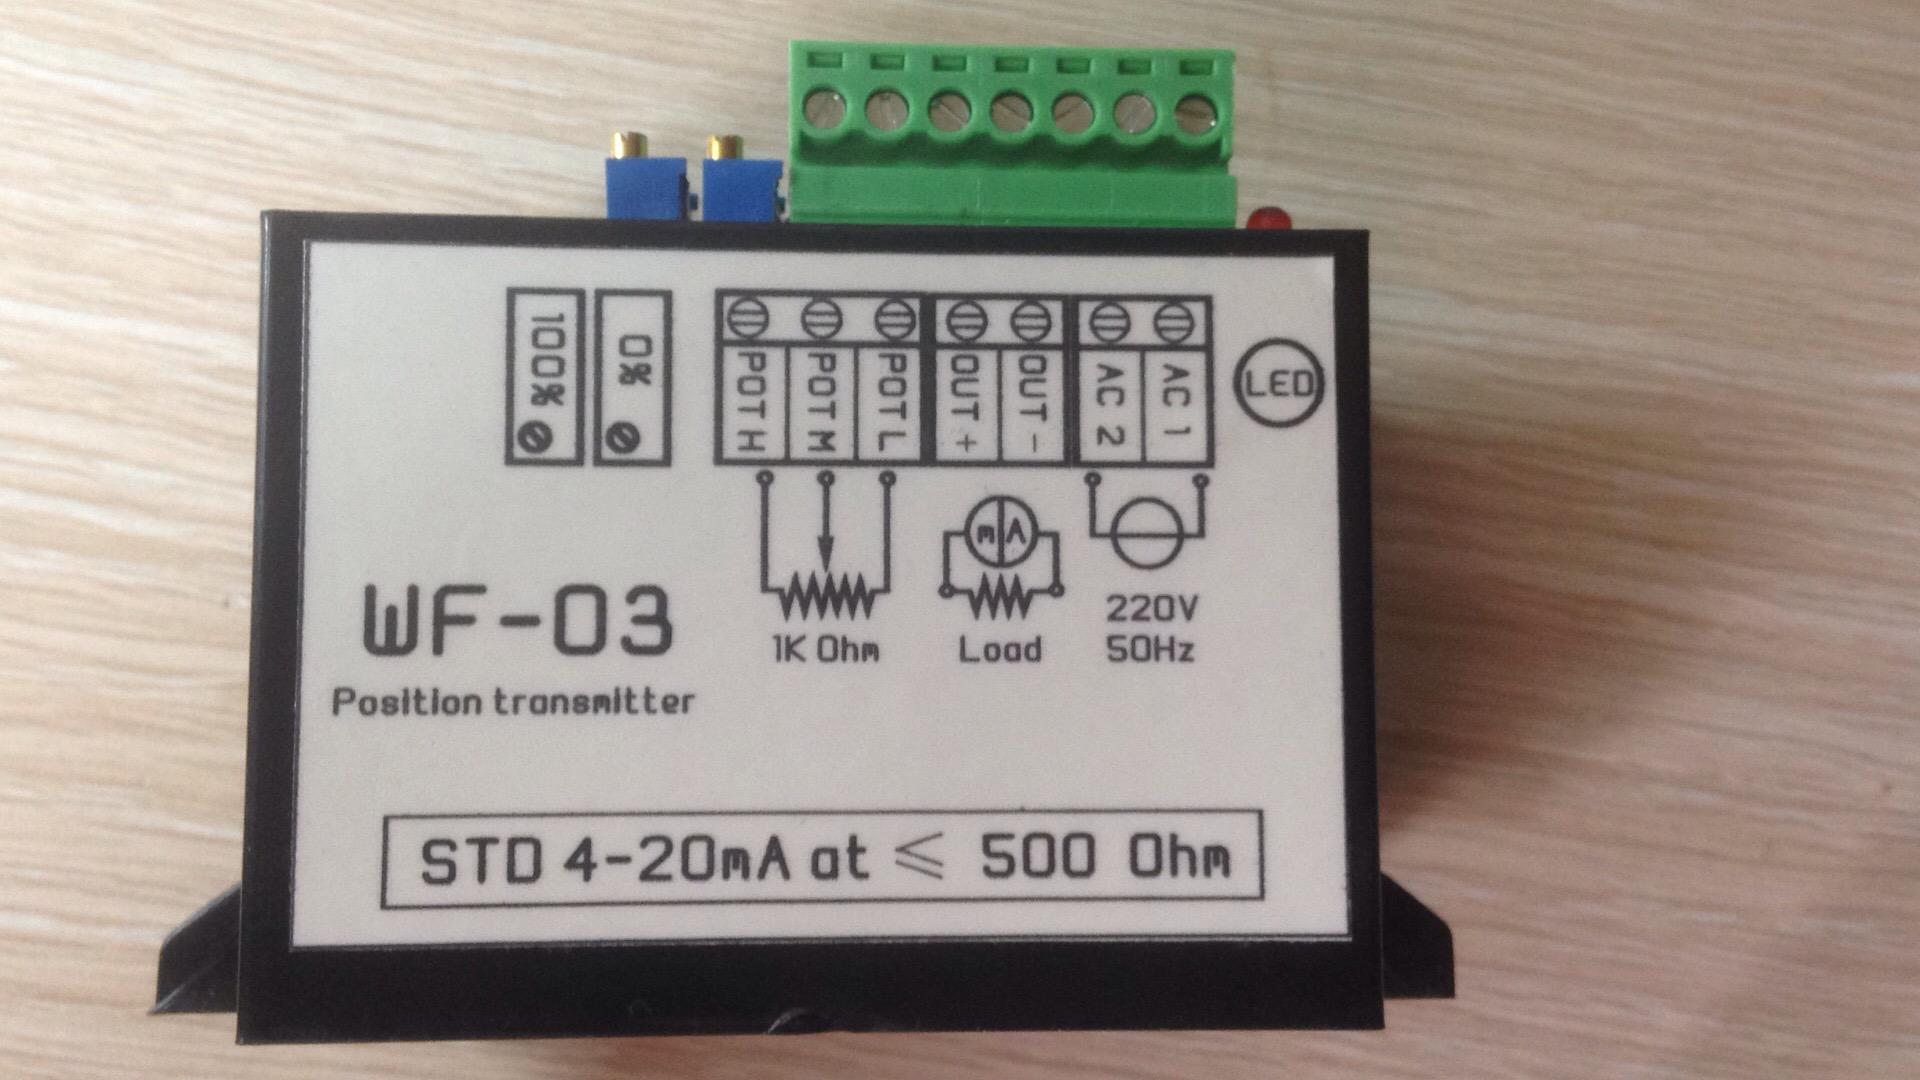 位置定位模块电动执行器位置发送器 DKJ电动执行器位置发送器模块WF-03